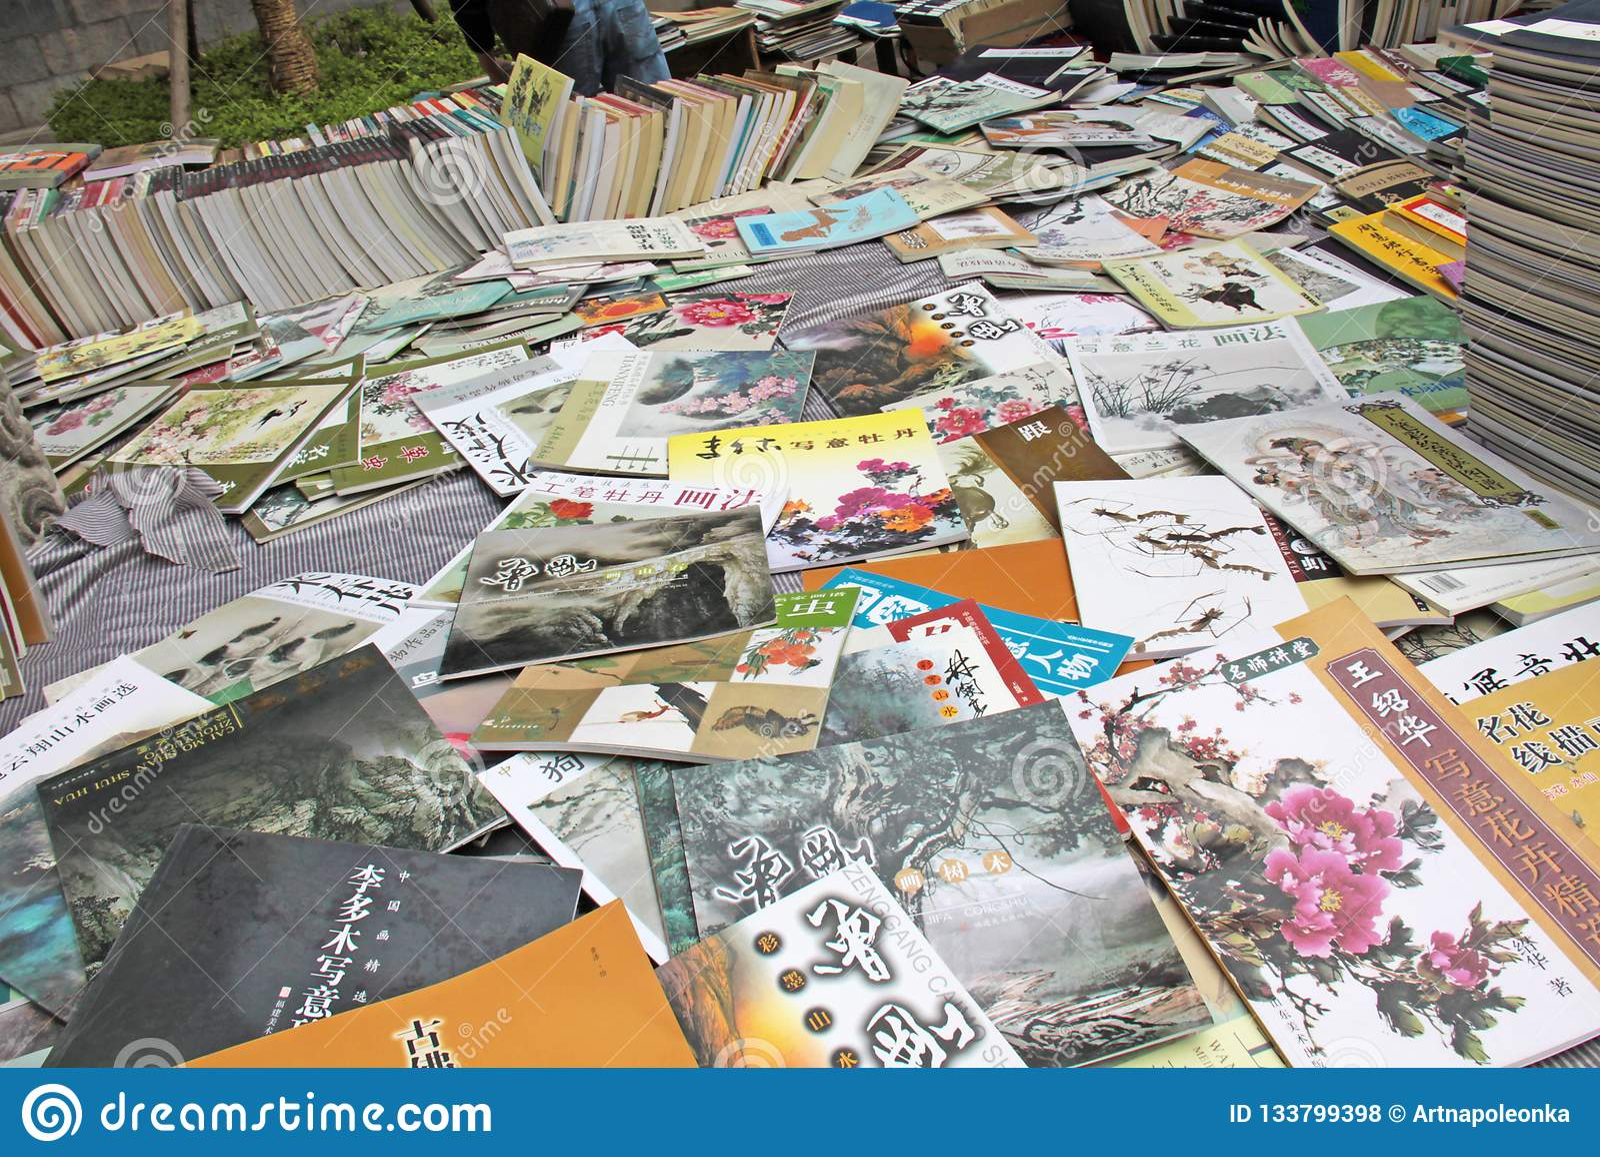 Kollapsen och försäljningen av böcker på kinesisk målning och kinesiskt p